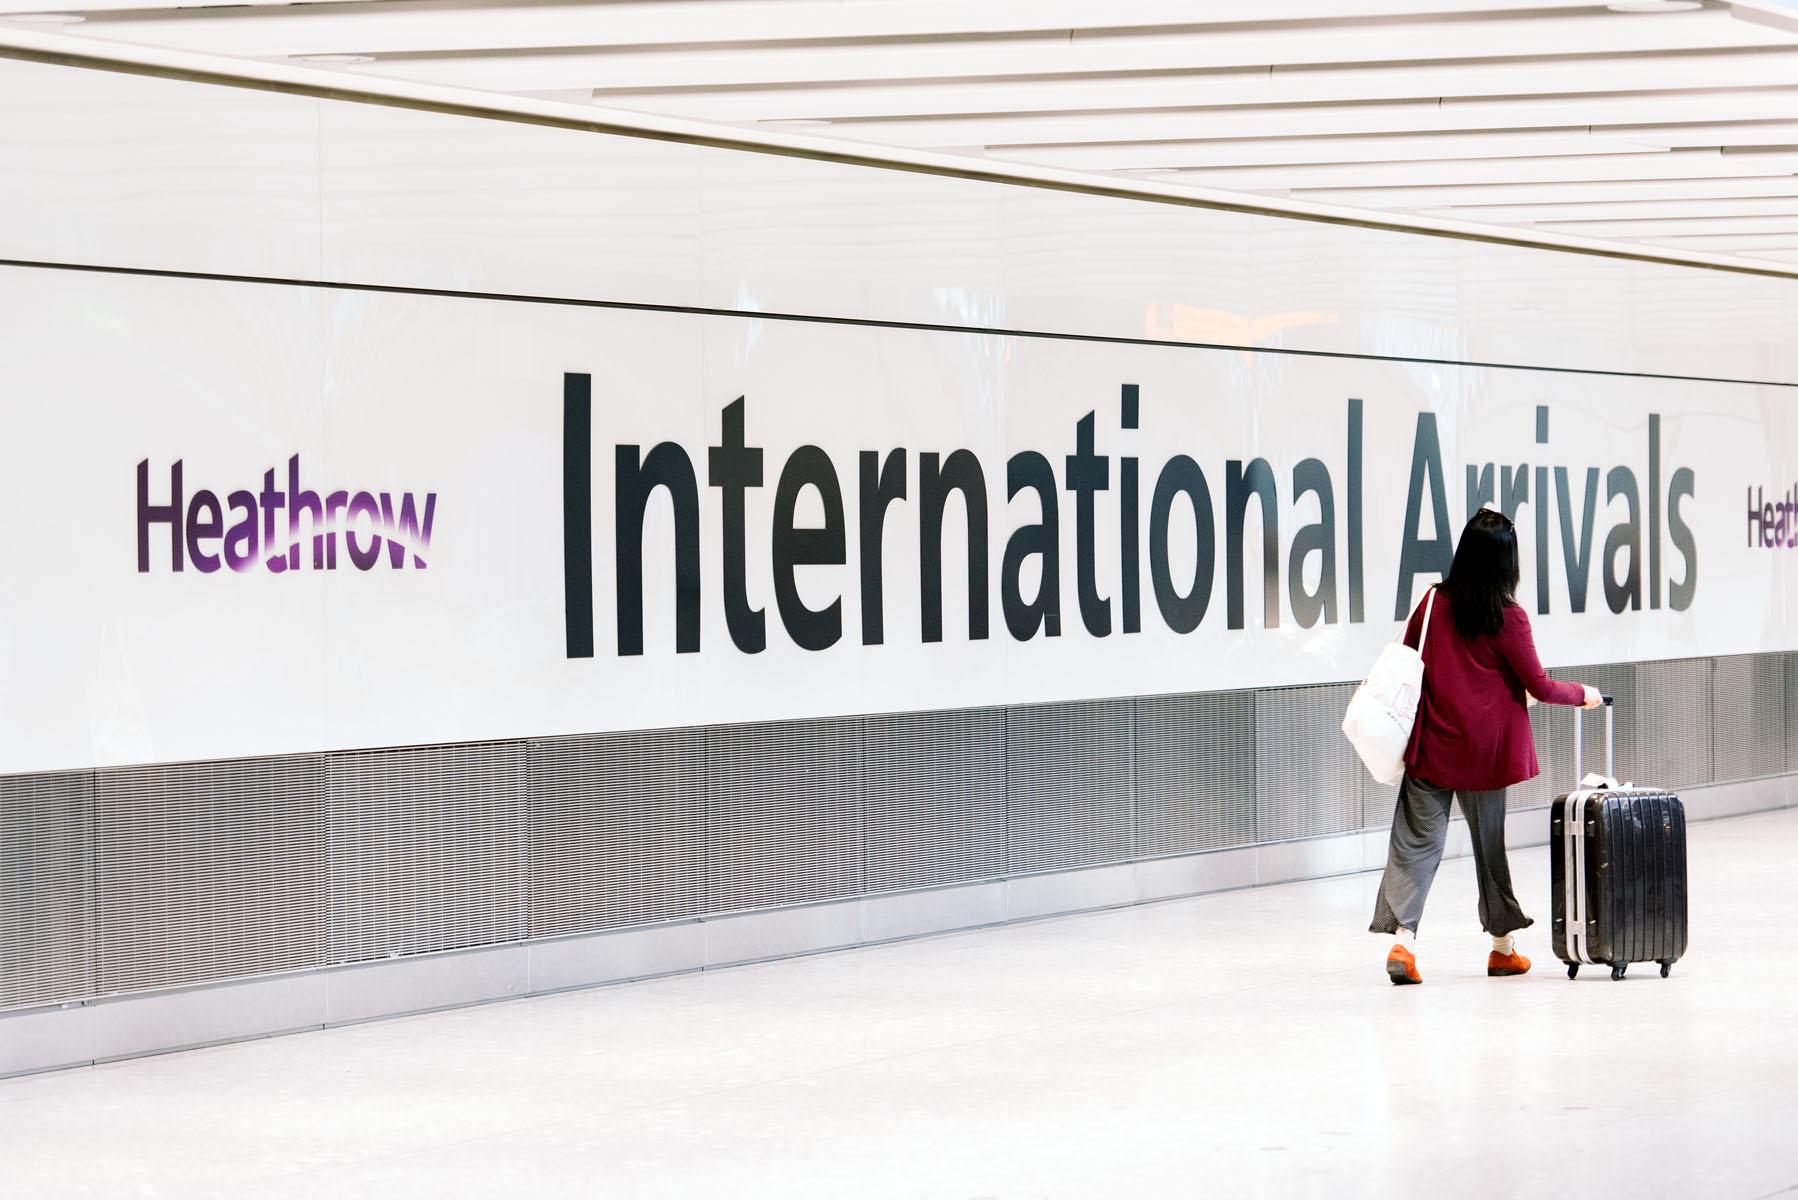 Med fortsat lukkede grænser er efterspørgslen på flybilletter lav, det presser også priserne på billetter ned, viser ny undersøgelse. Arkivpressefoto fra London Heathrow.